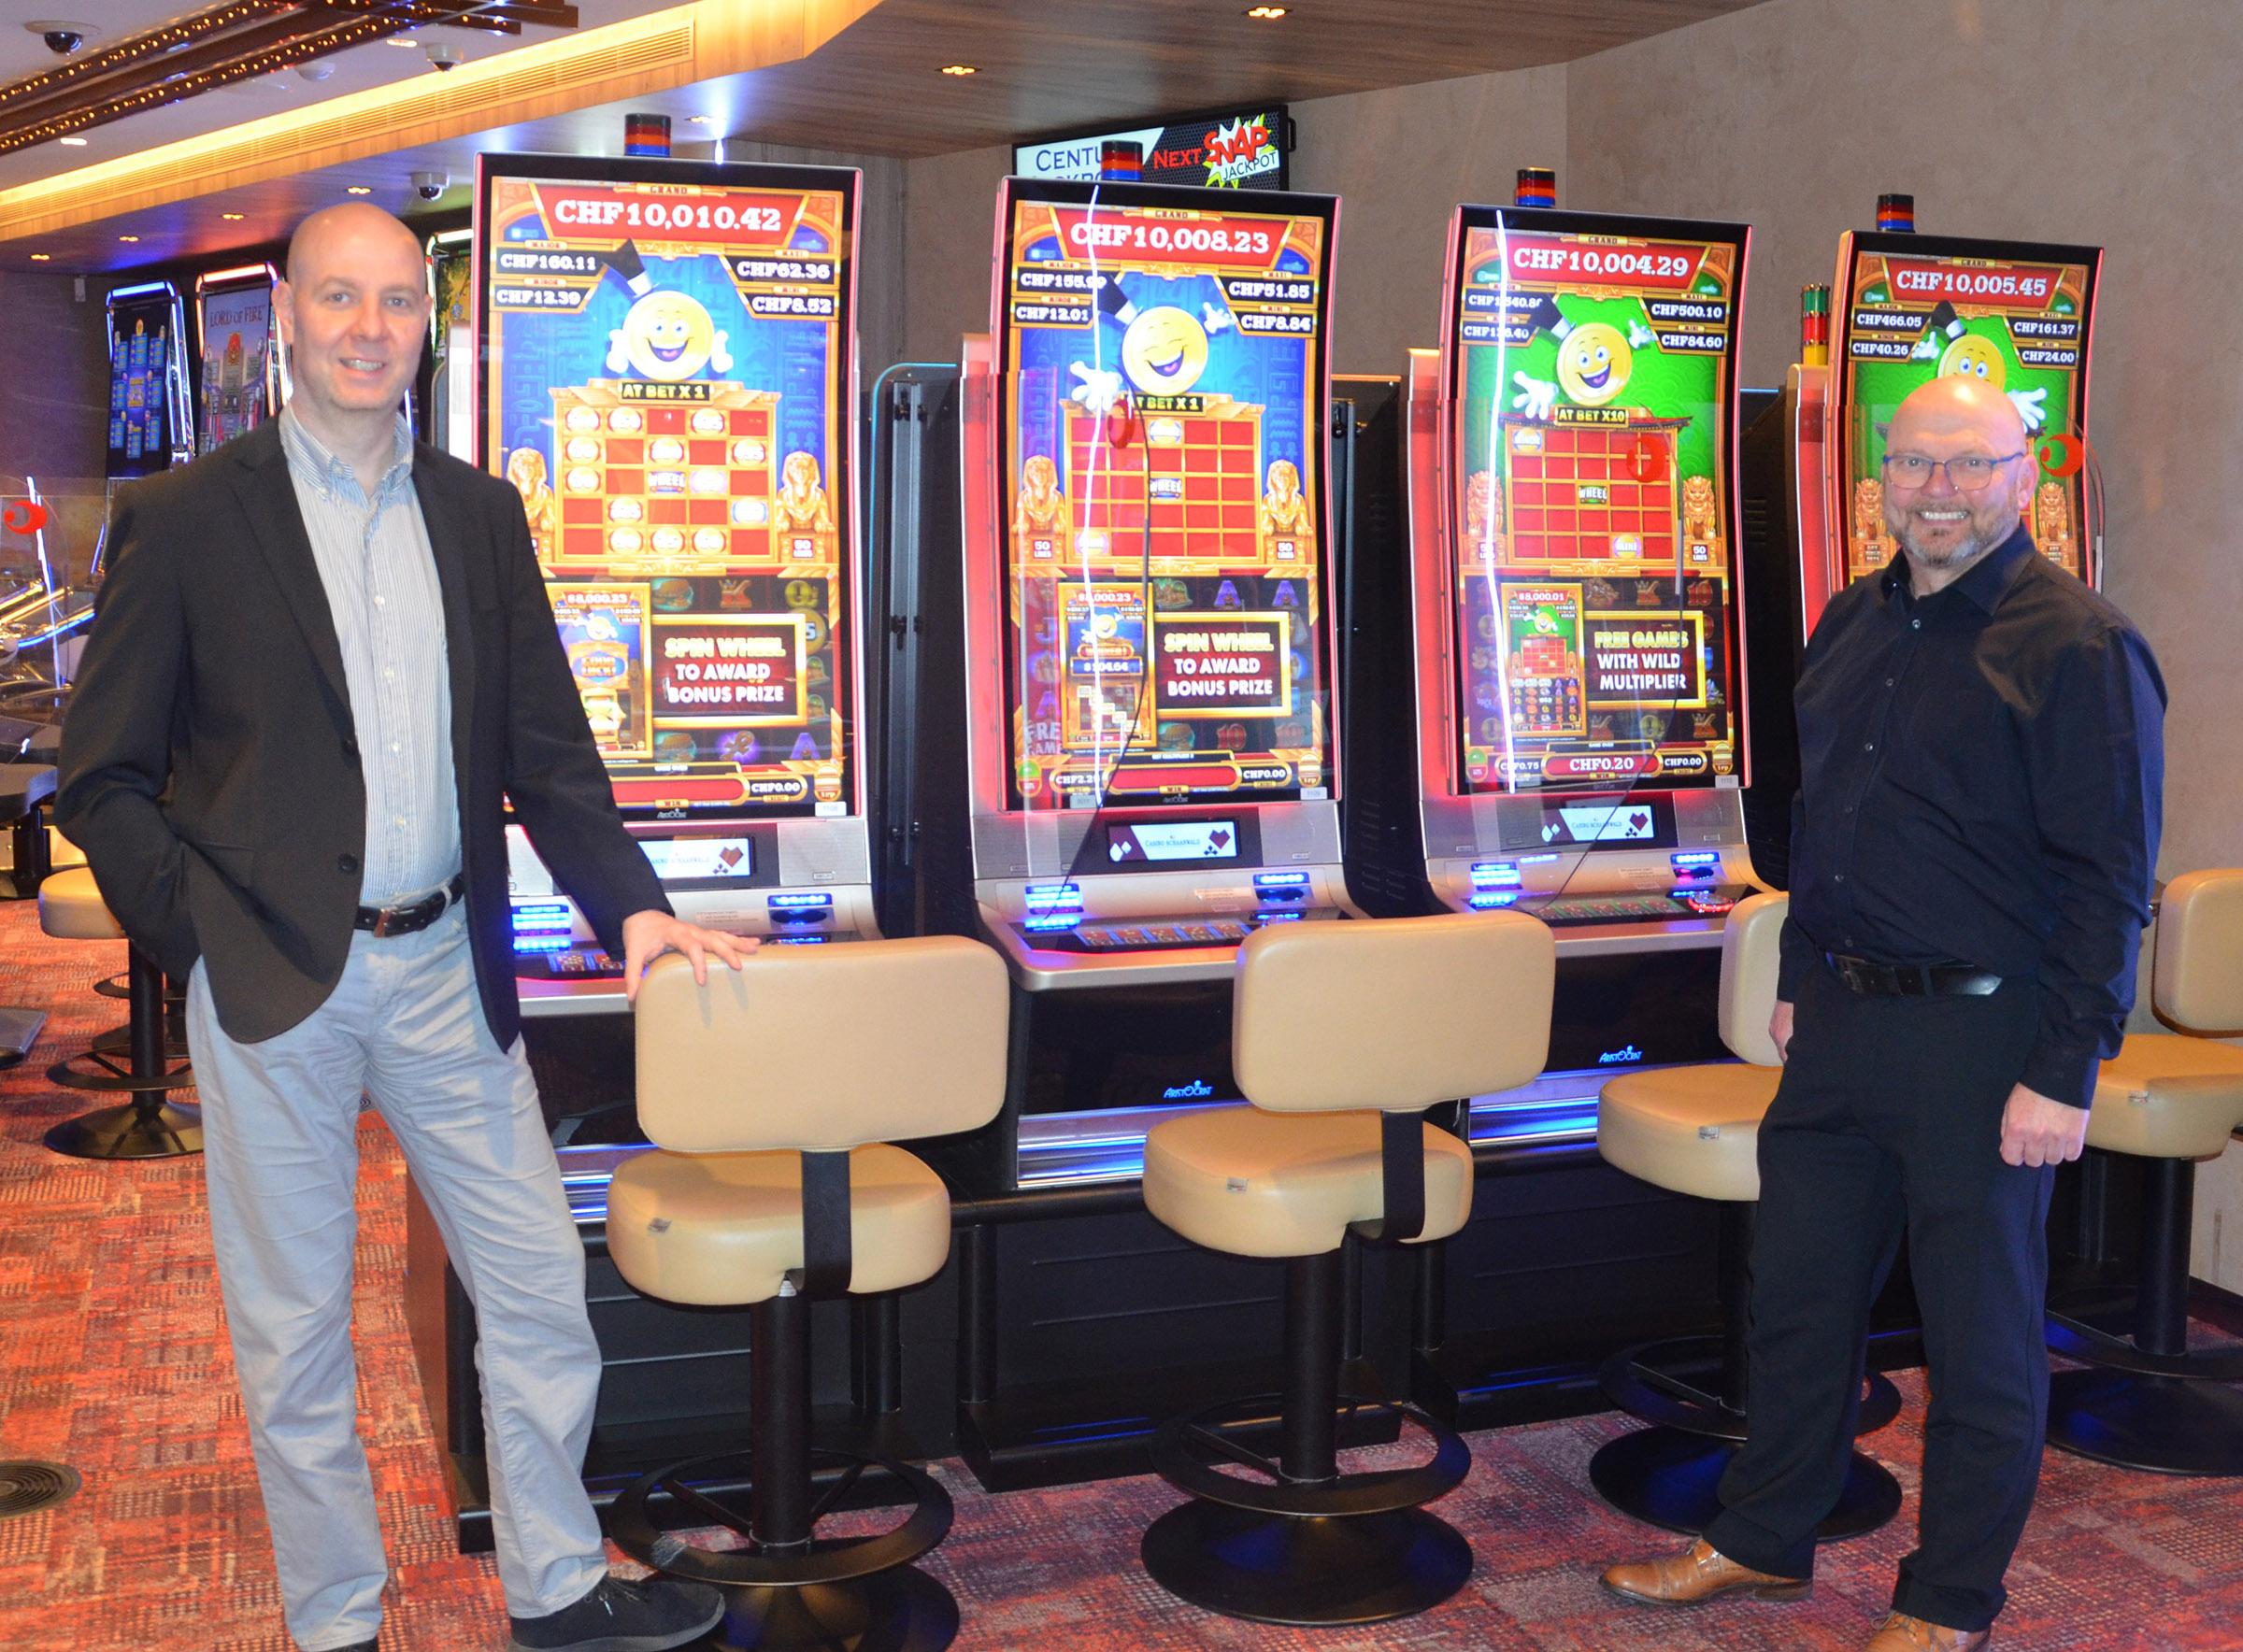 liechtenstein's-casino-schaanwald-hosts-european-premiere-of-aristocrat's-cashman-bingo